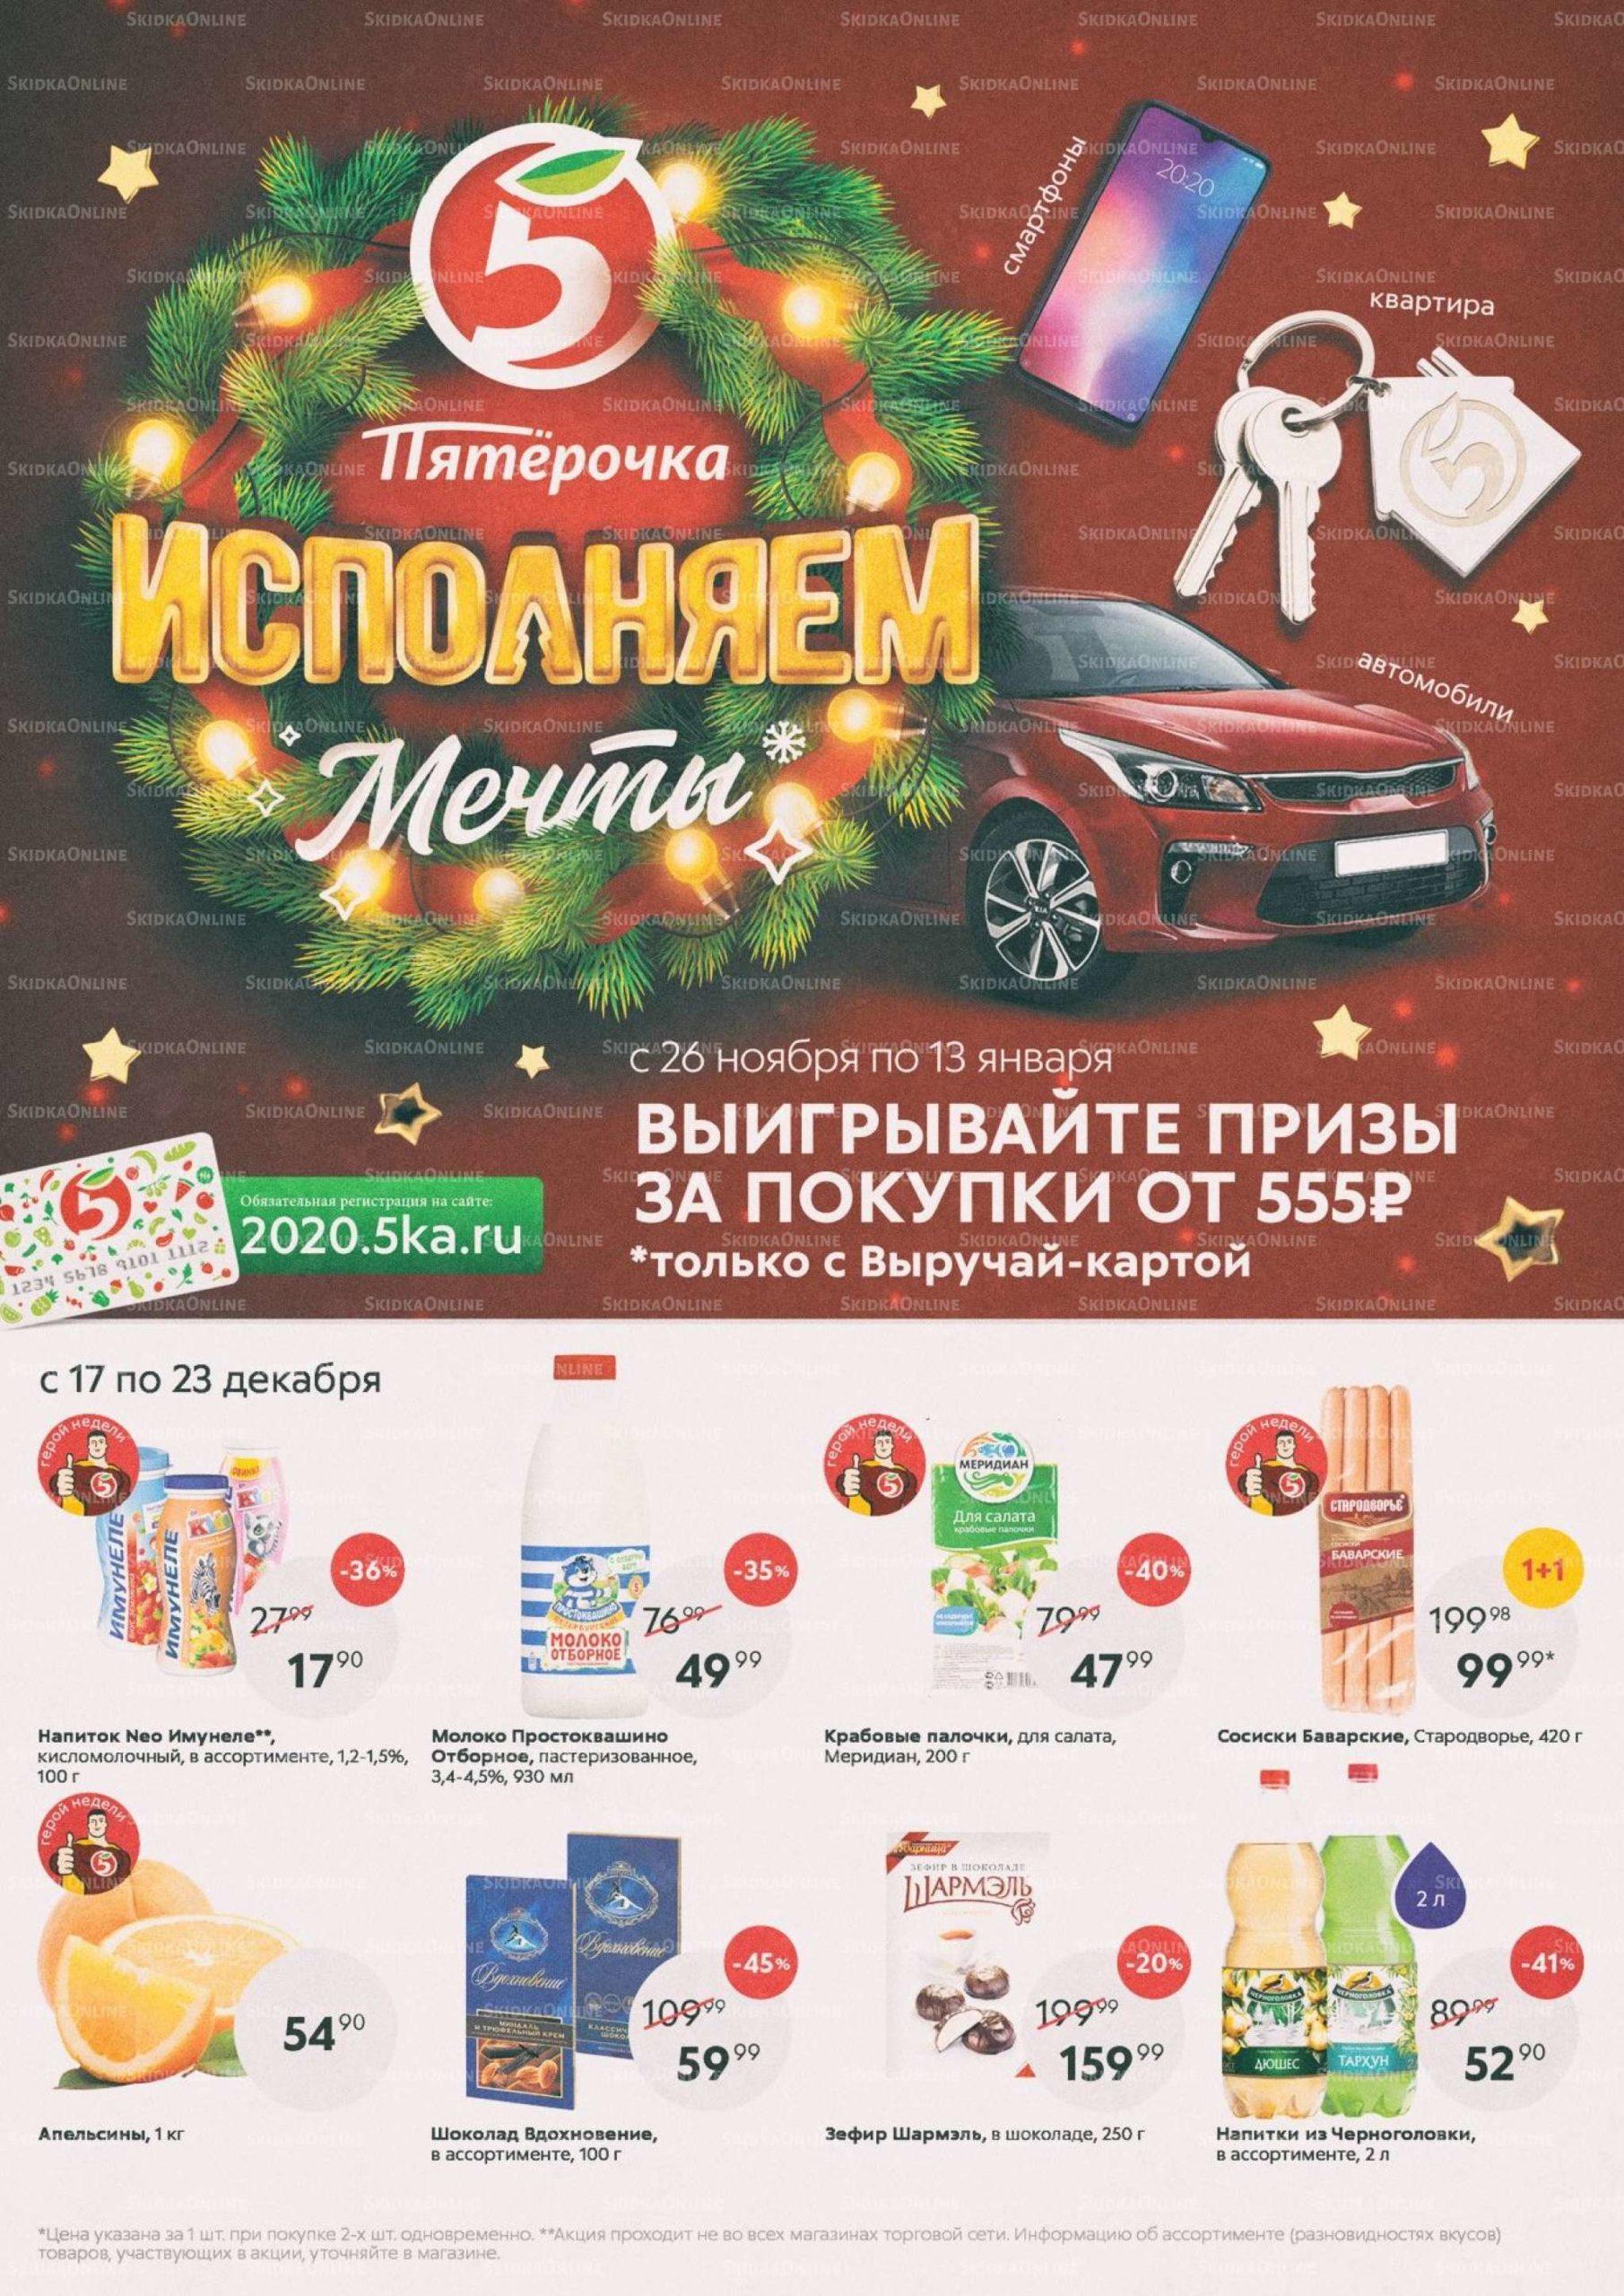 Акции в Пятёрочке с 17 по 23 декабря 2019 года